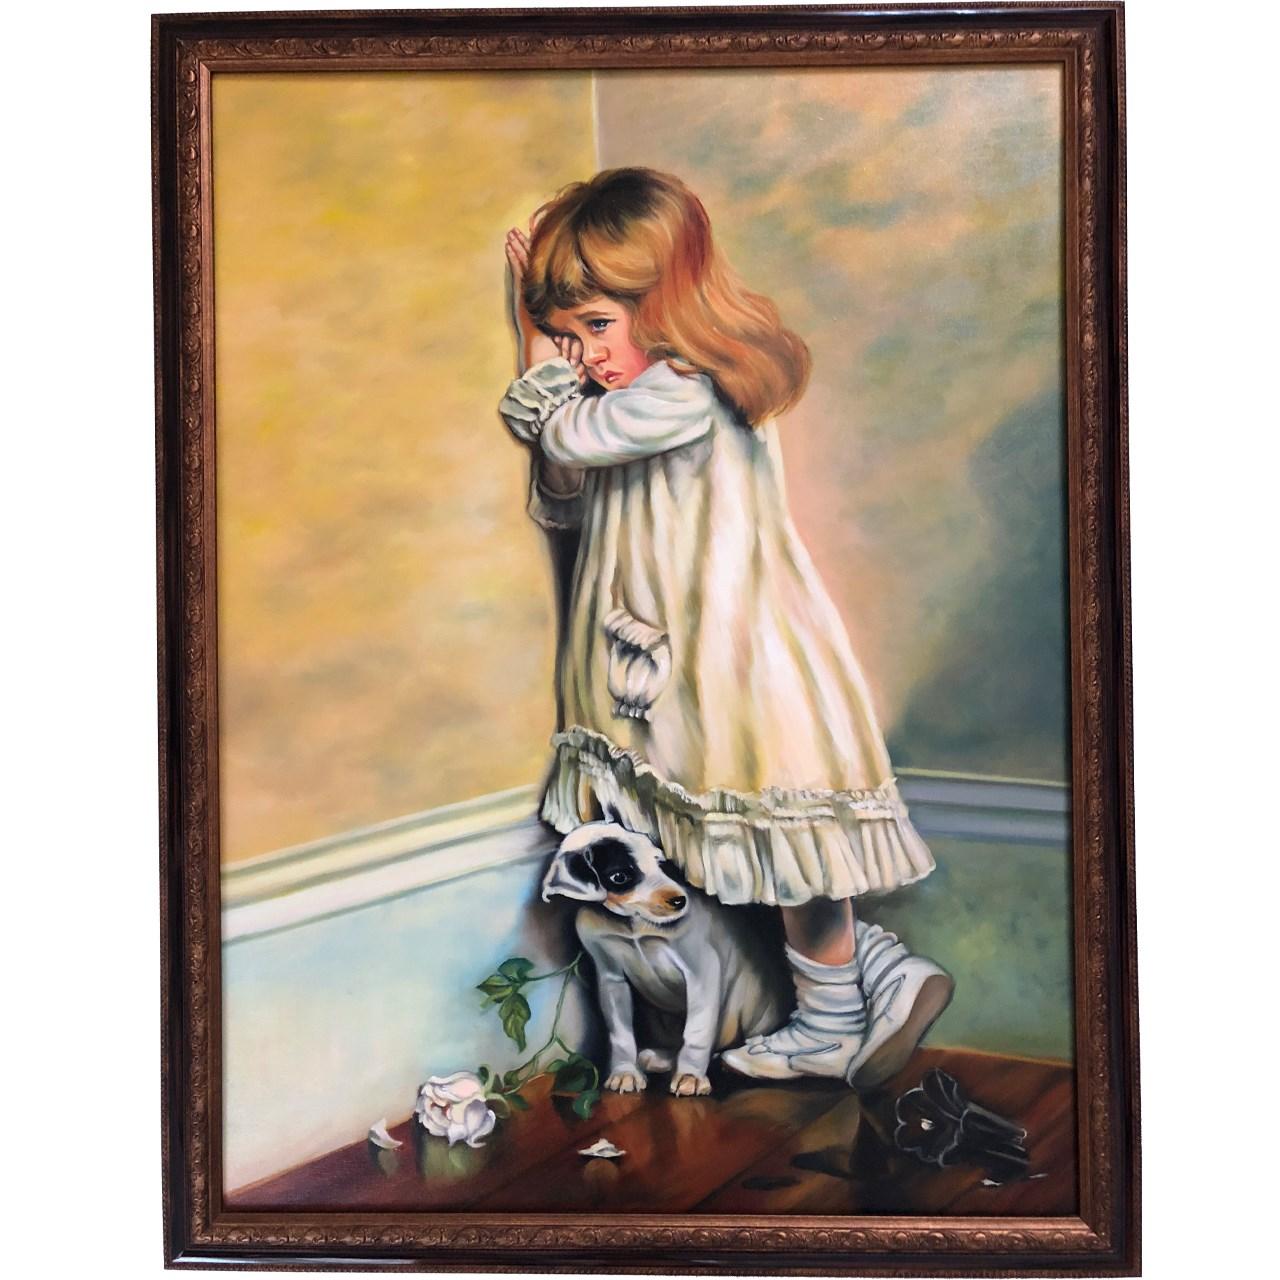 تابلو نقاشی گالری بارسین طرح دختر کوچولو